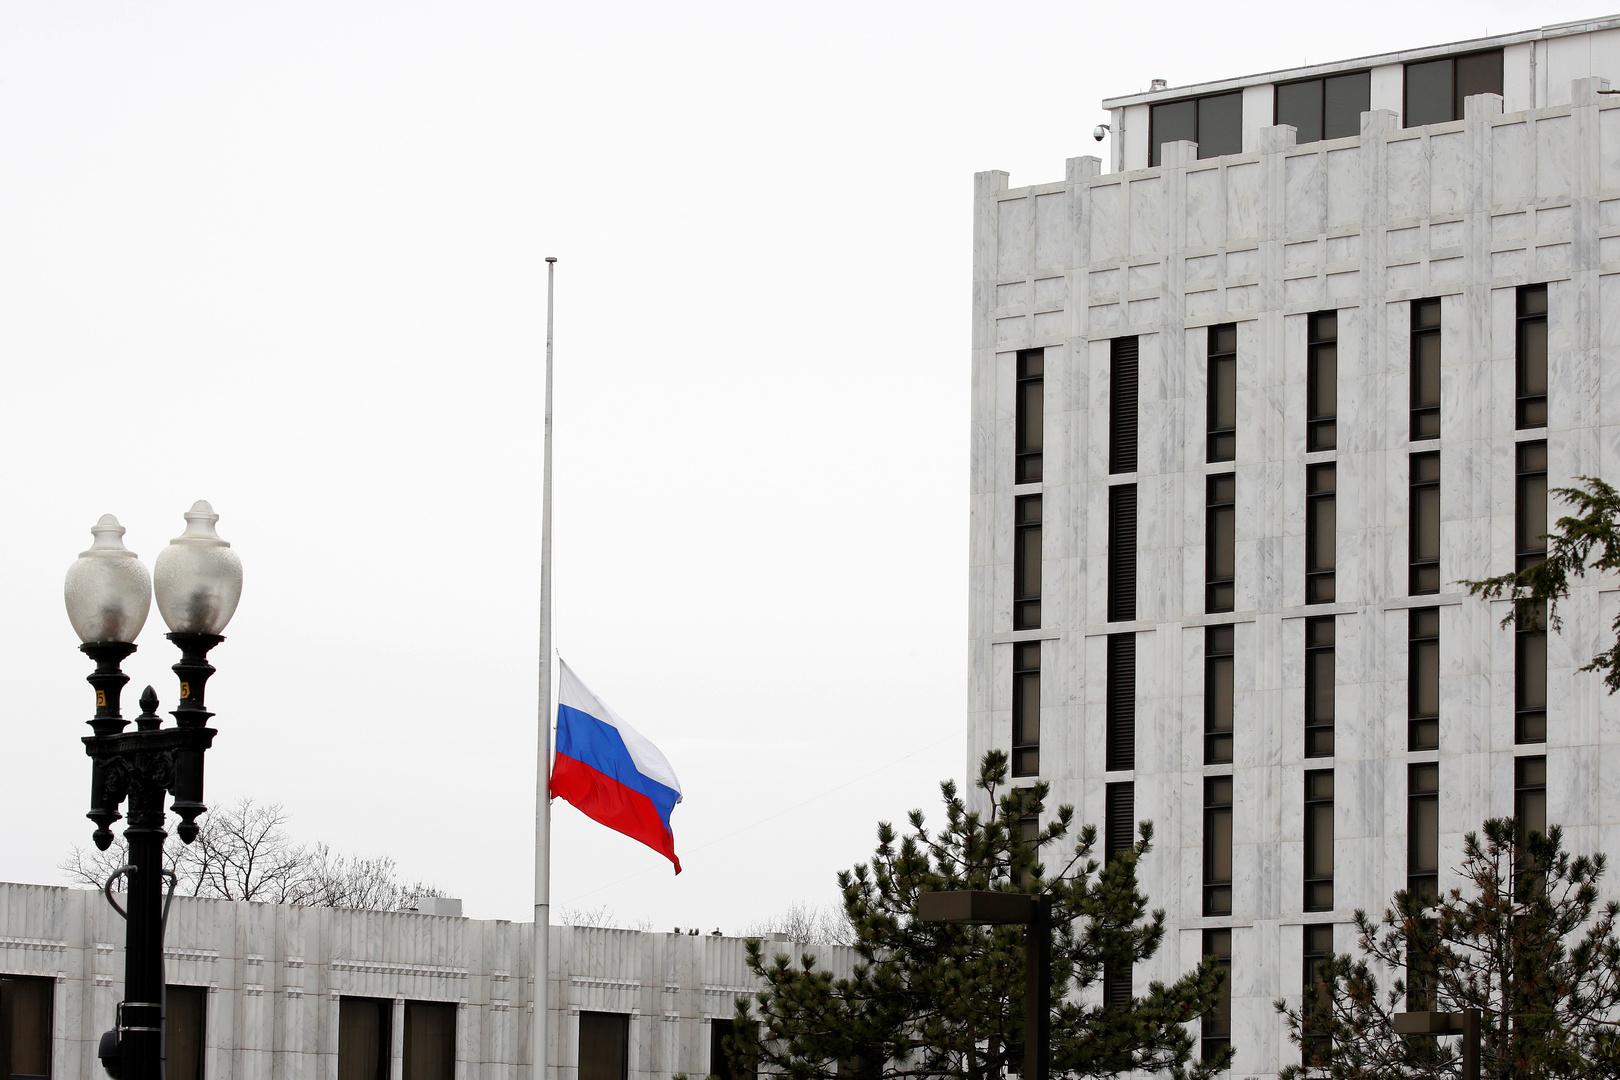 السفارة الروسية لدى واشنطن تتعرض لتهديدات بعد مقال لصحيفة